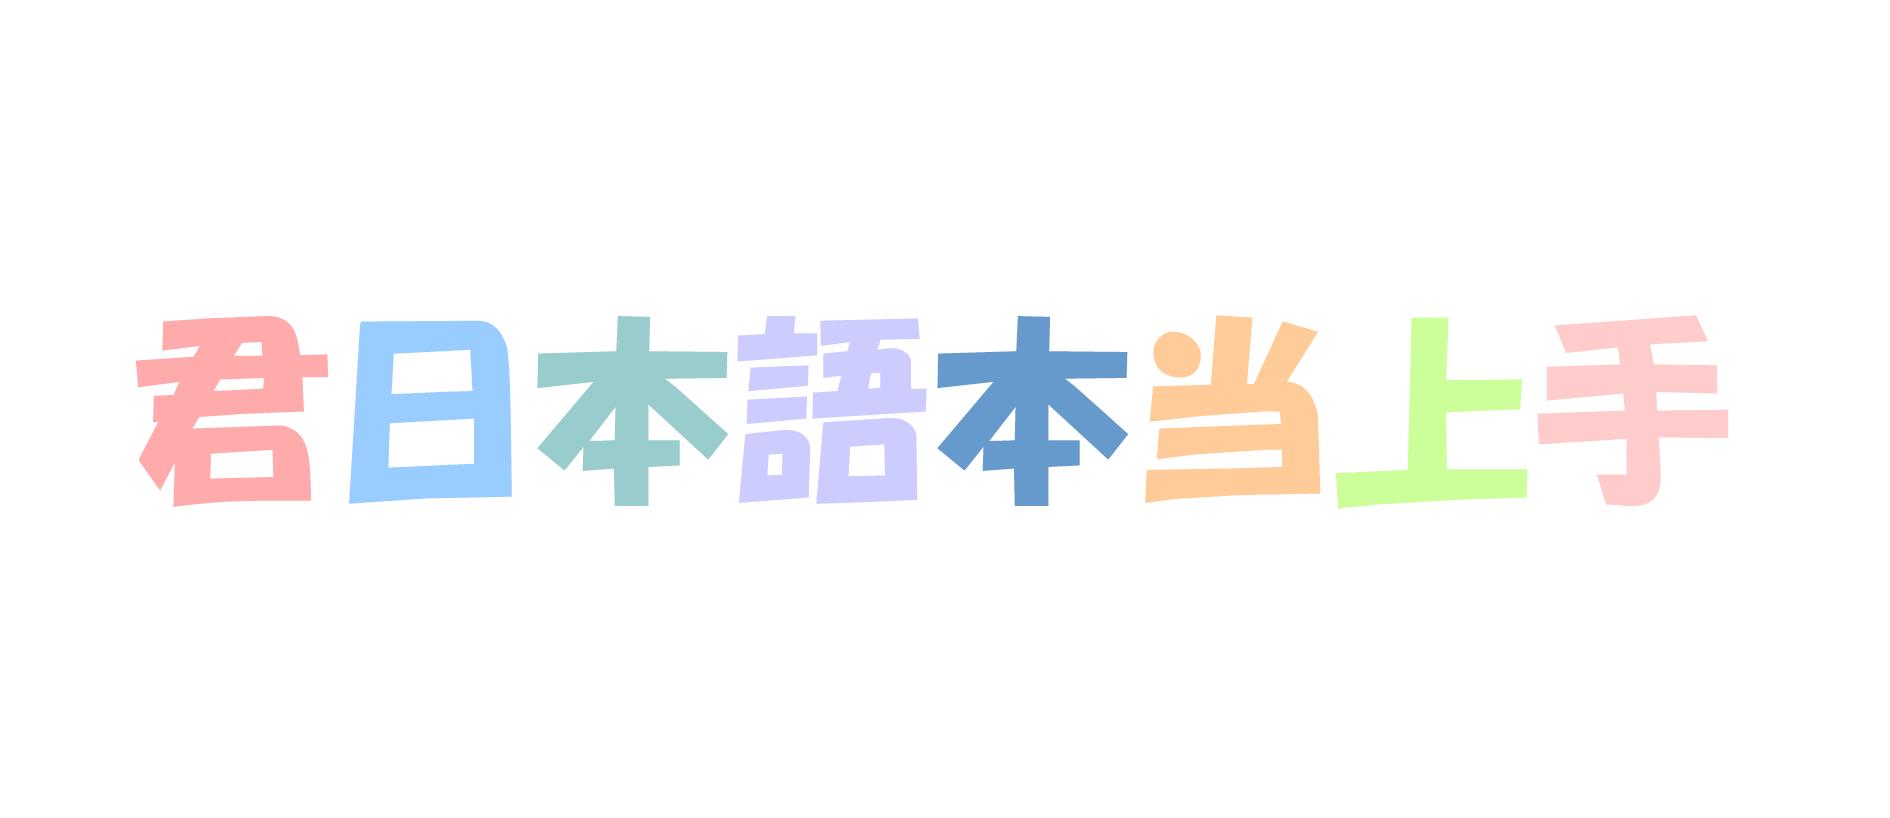 日本语一类形容词与二类形容词的区别